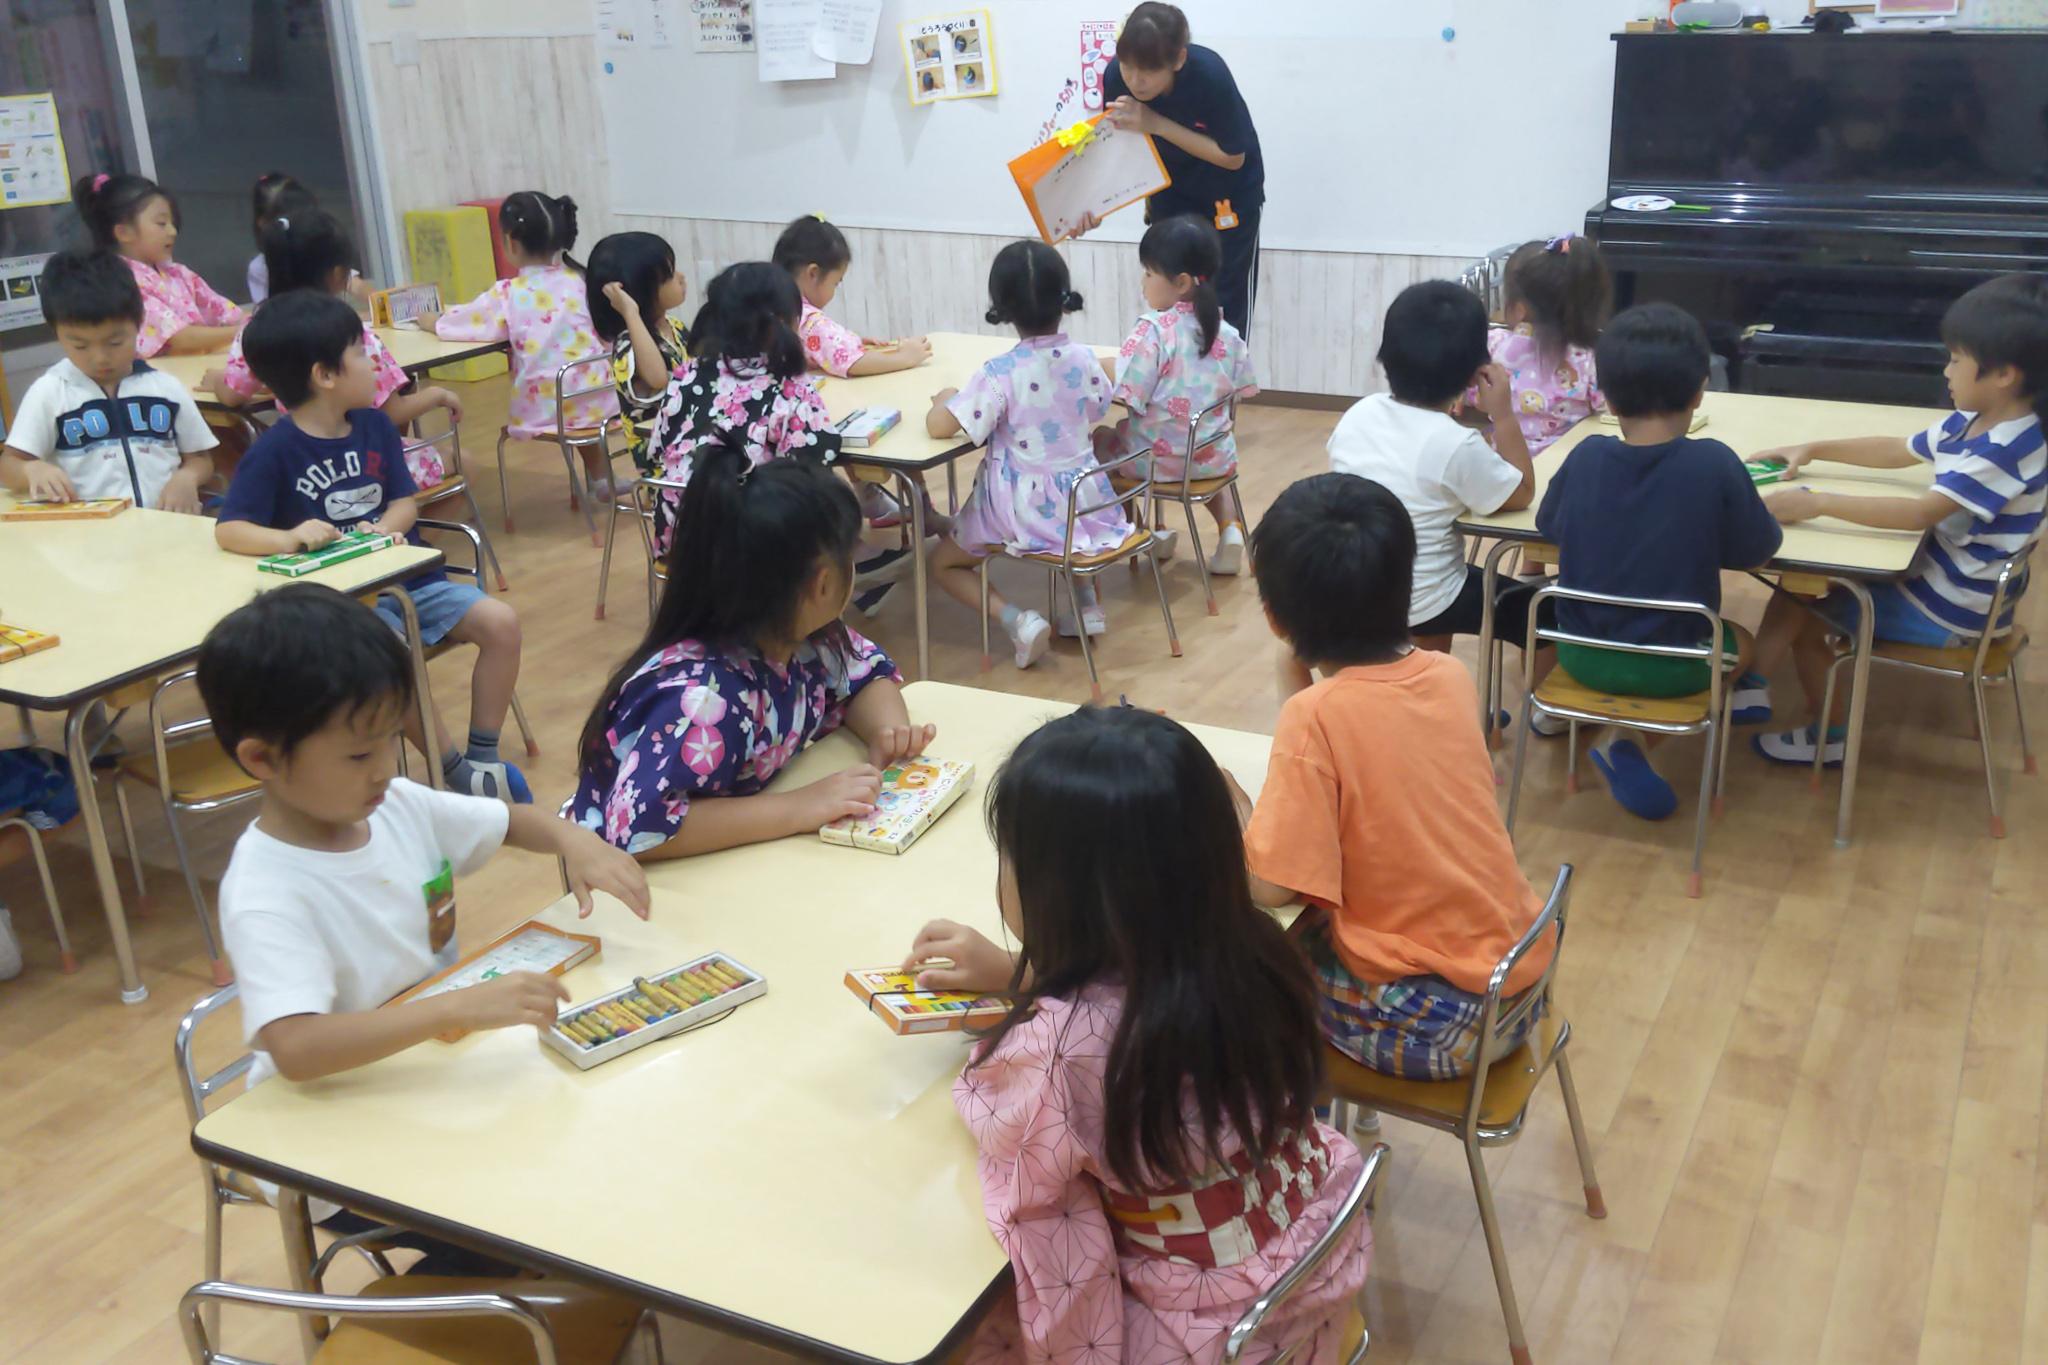 おおとり幼稚園 夜まつり6